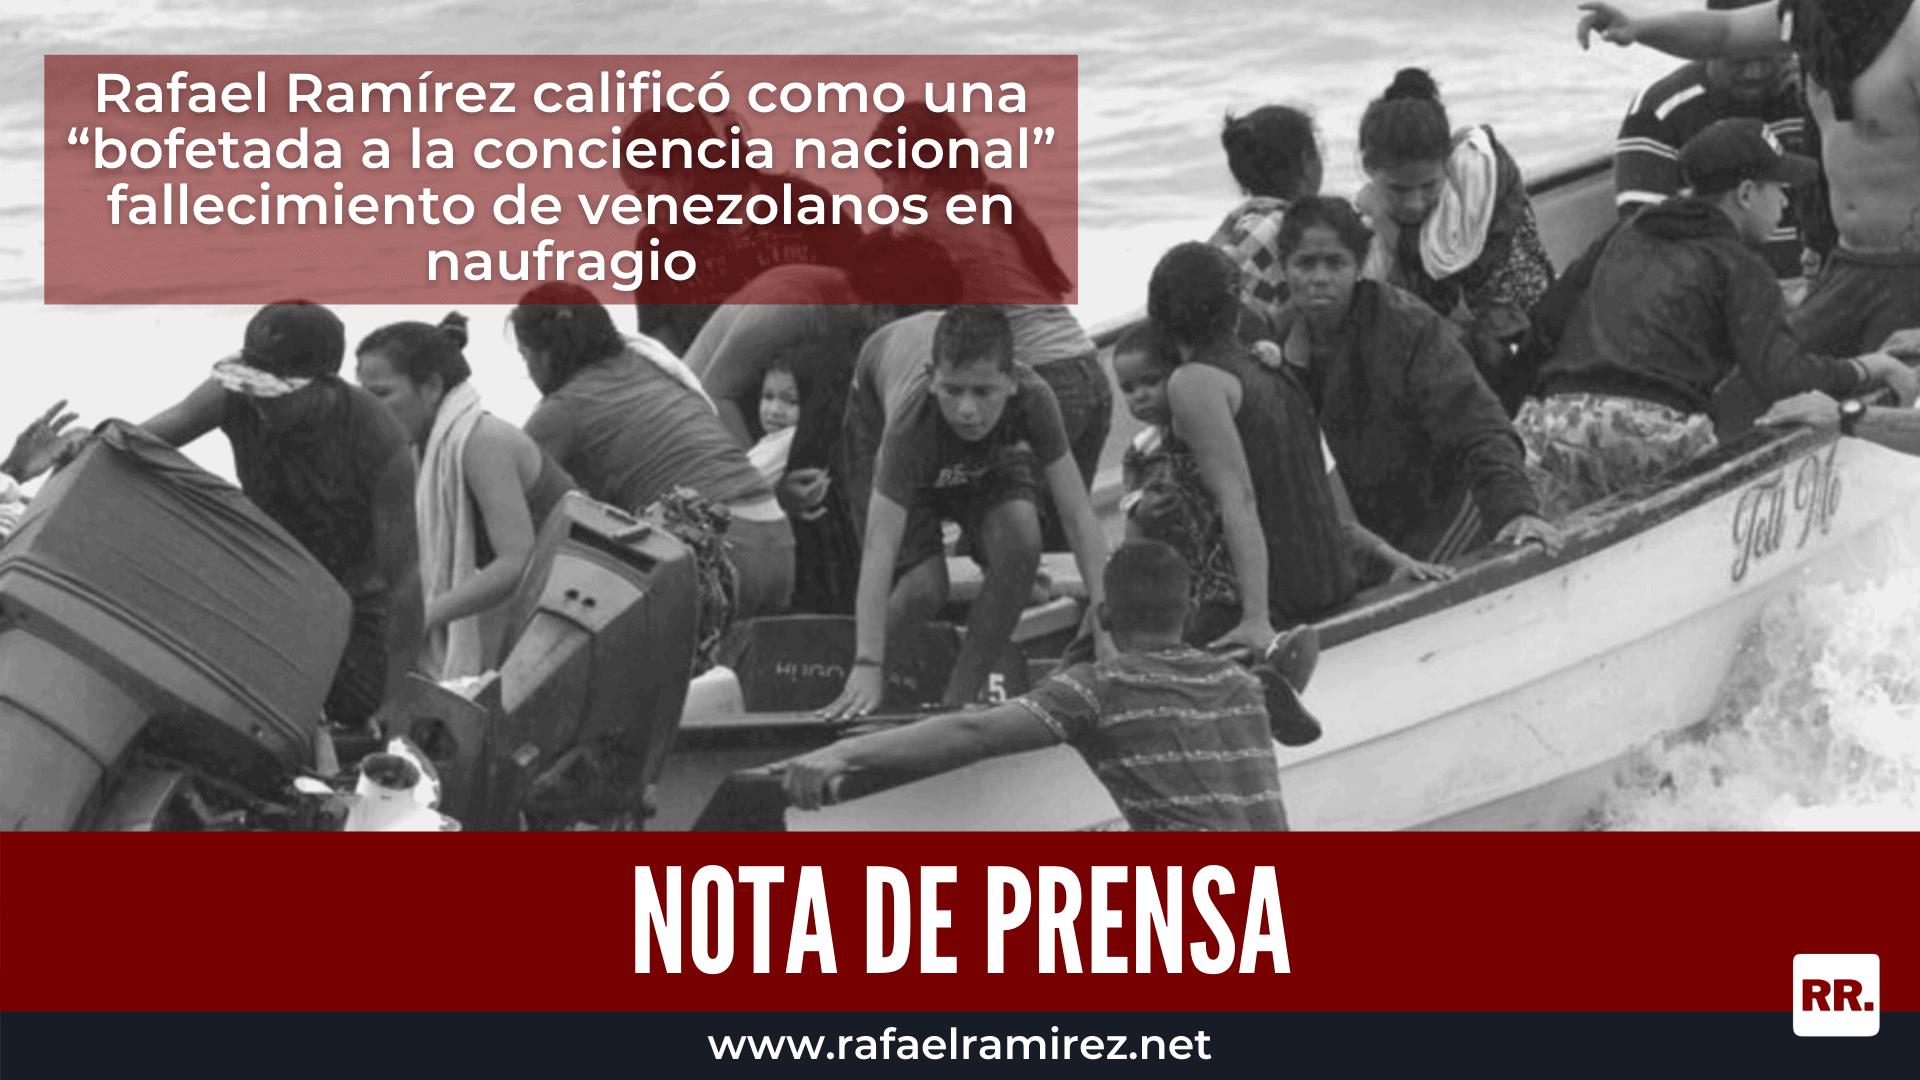 """Rafael Ramírez calificó como una """"bofetada a la conciencia nacional"""" fallecimiento de venezolanos en naufragio"""